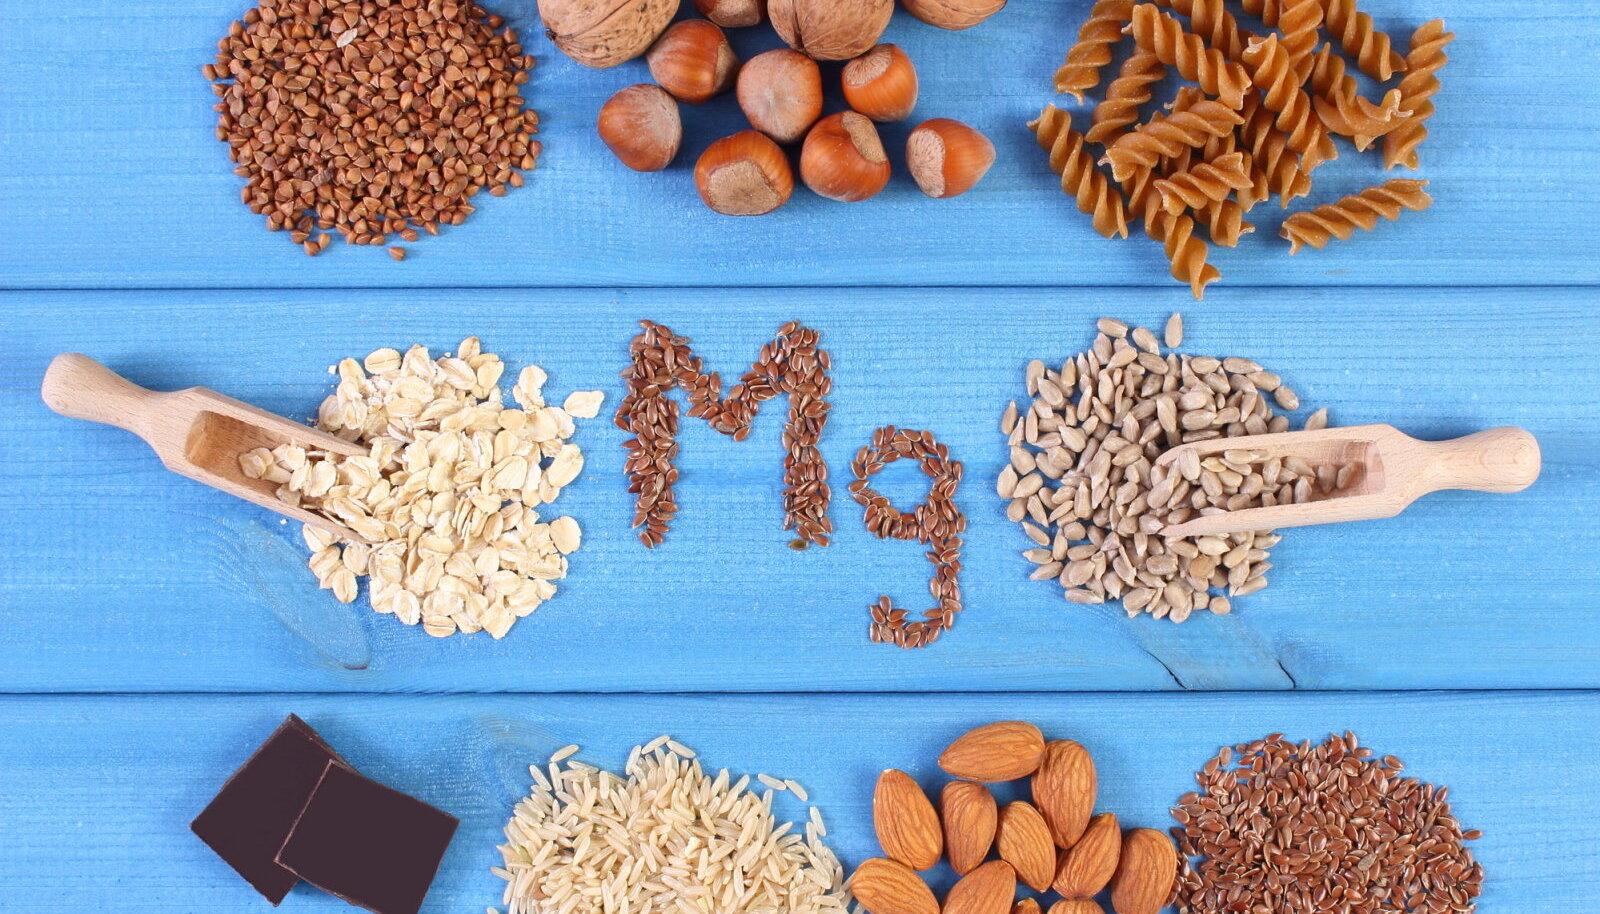 Magneesiumil on inimese organismis täita palju olulisi ülesandeid: tagada närvide ja lihaste häireteta töö, vere hüübimine, lihaste lõõgastumine, biovedelike pH regulatsioon, närviimpulsside teke ja edasikanne, südamelihaste ja ensüümide töö